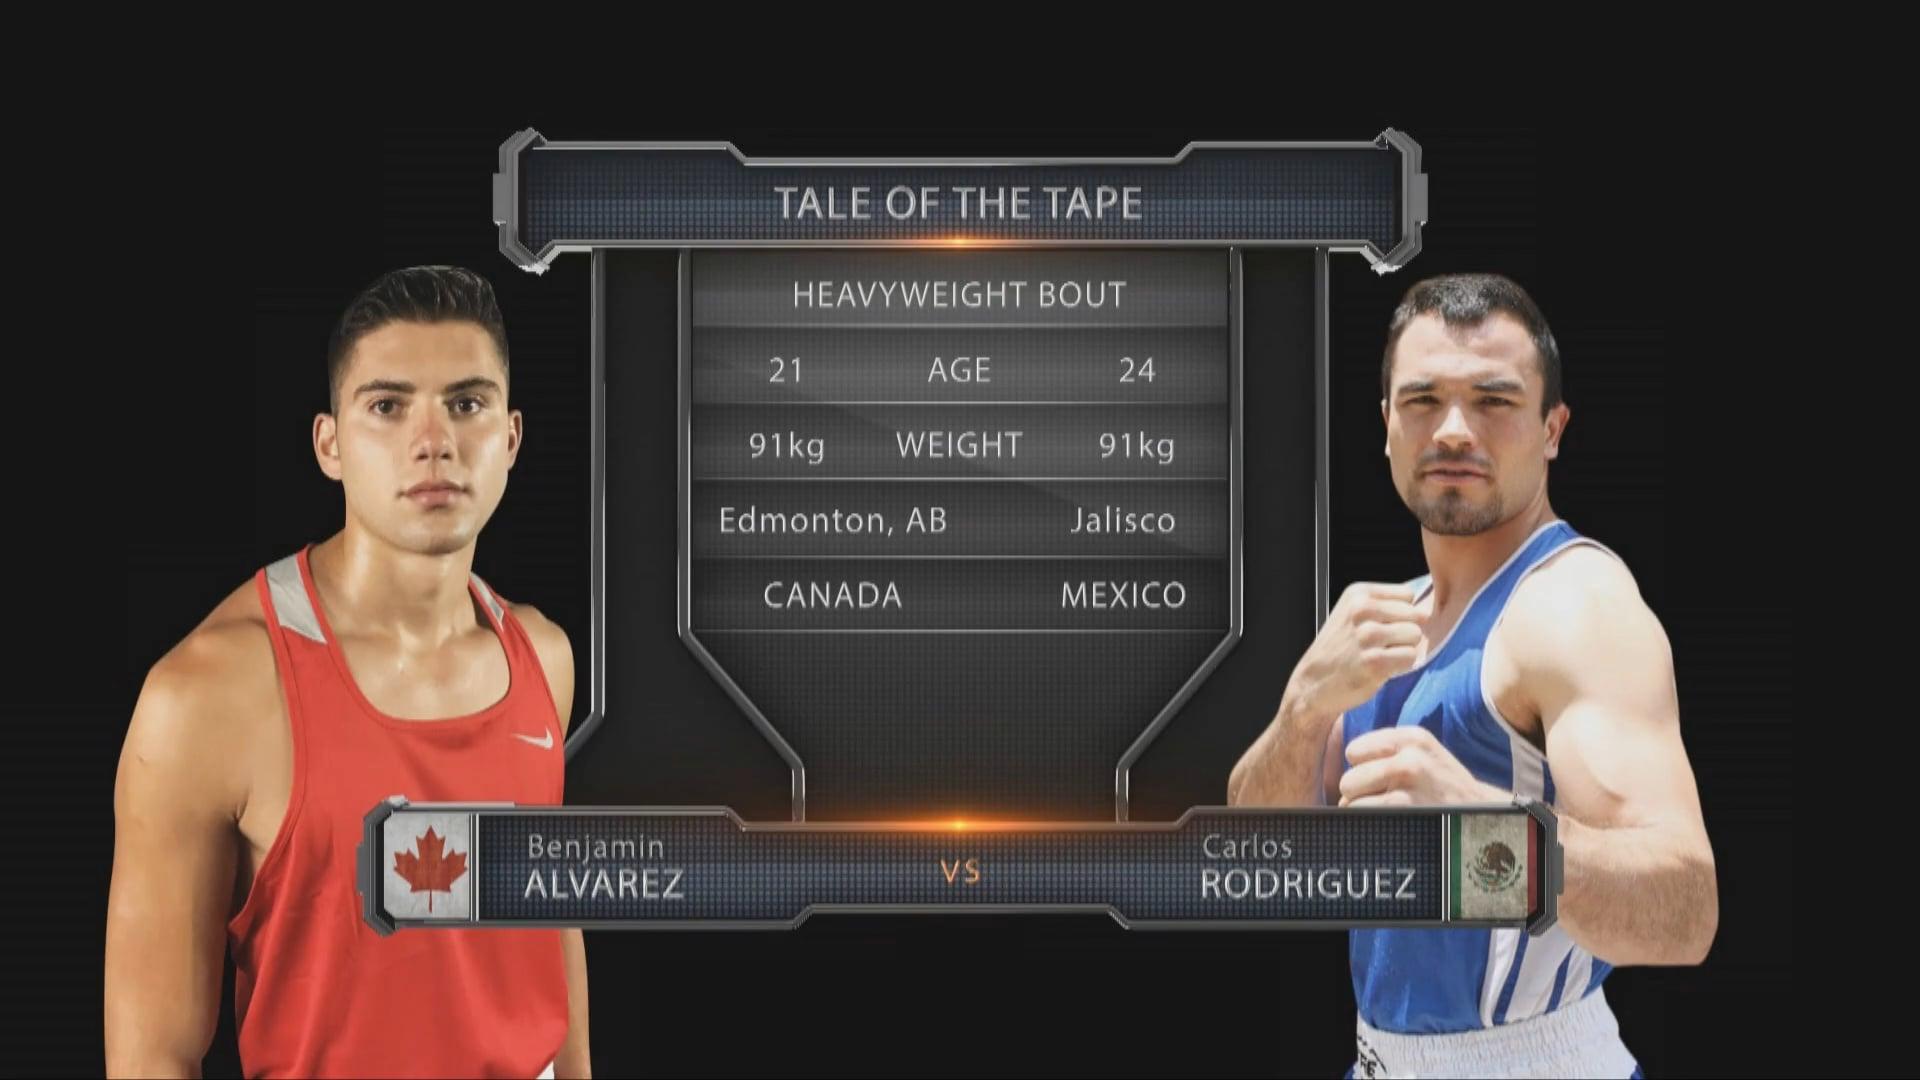 Benjamin Alvarez (CAN) vs Carlos Rodriguez (MEX)